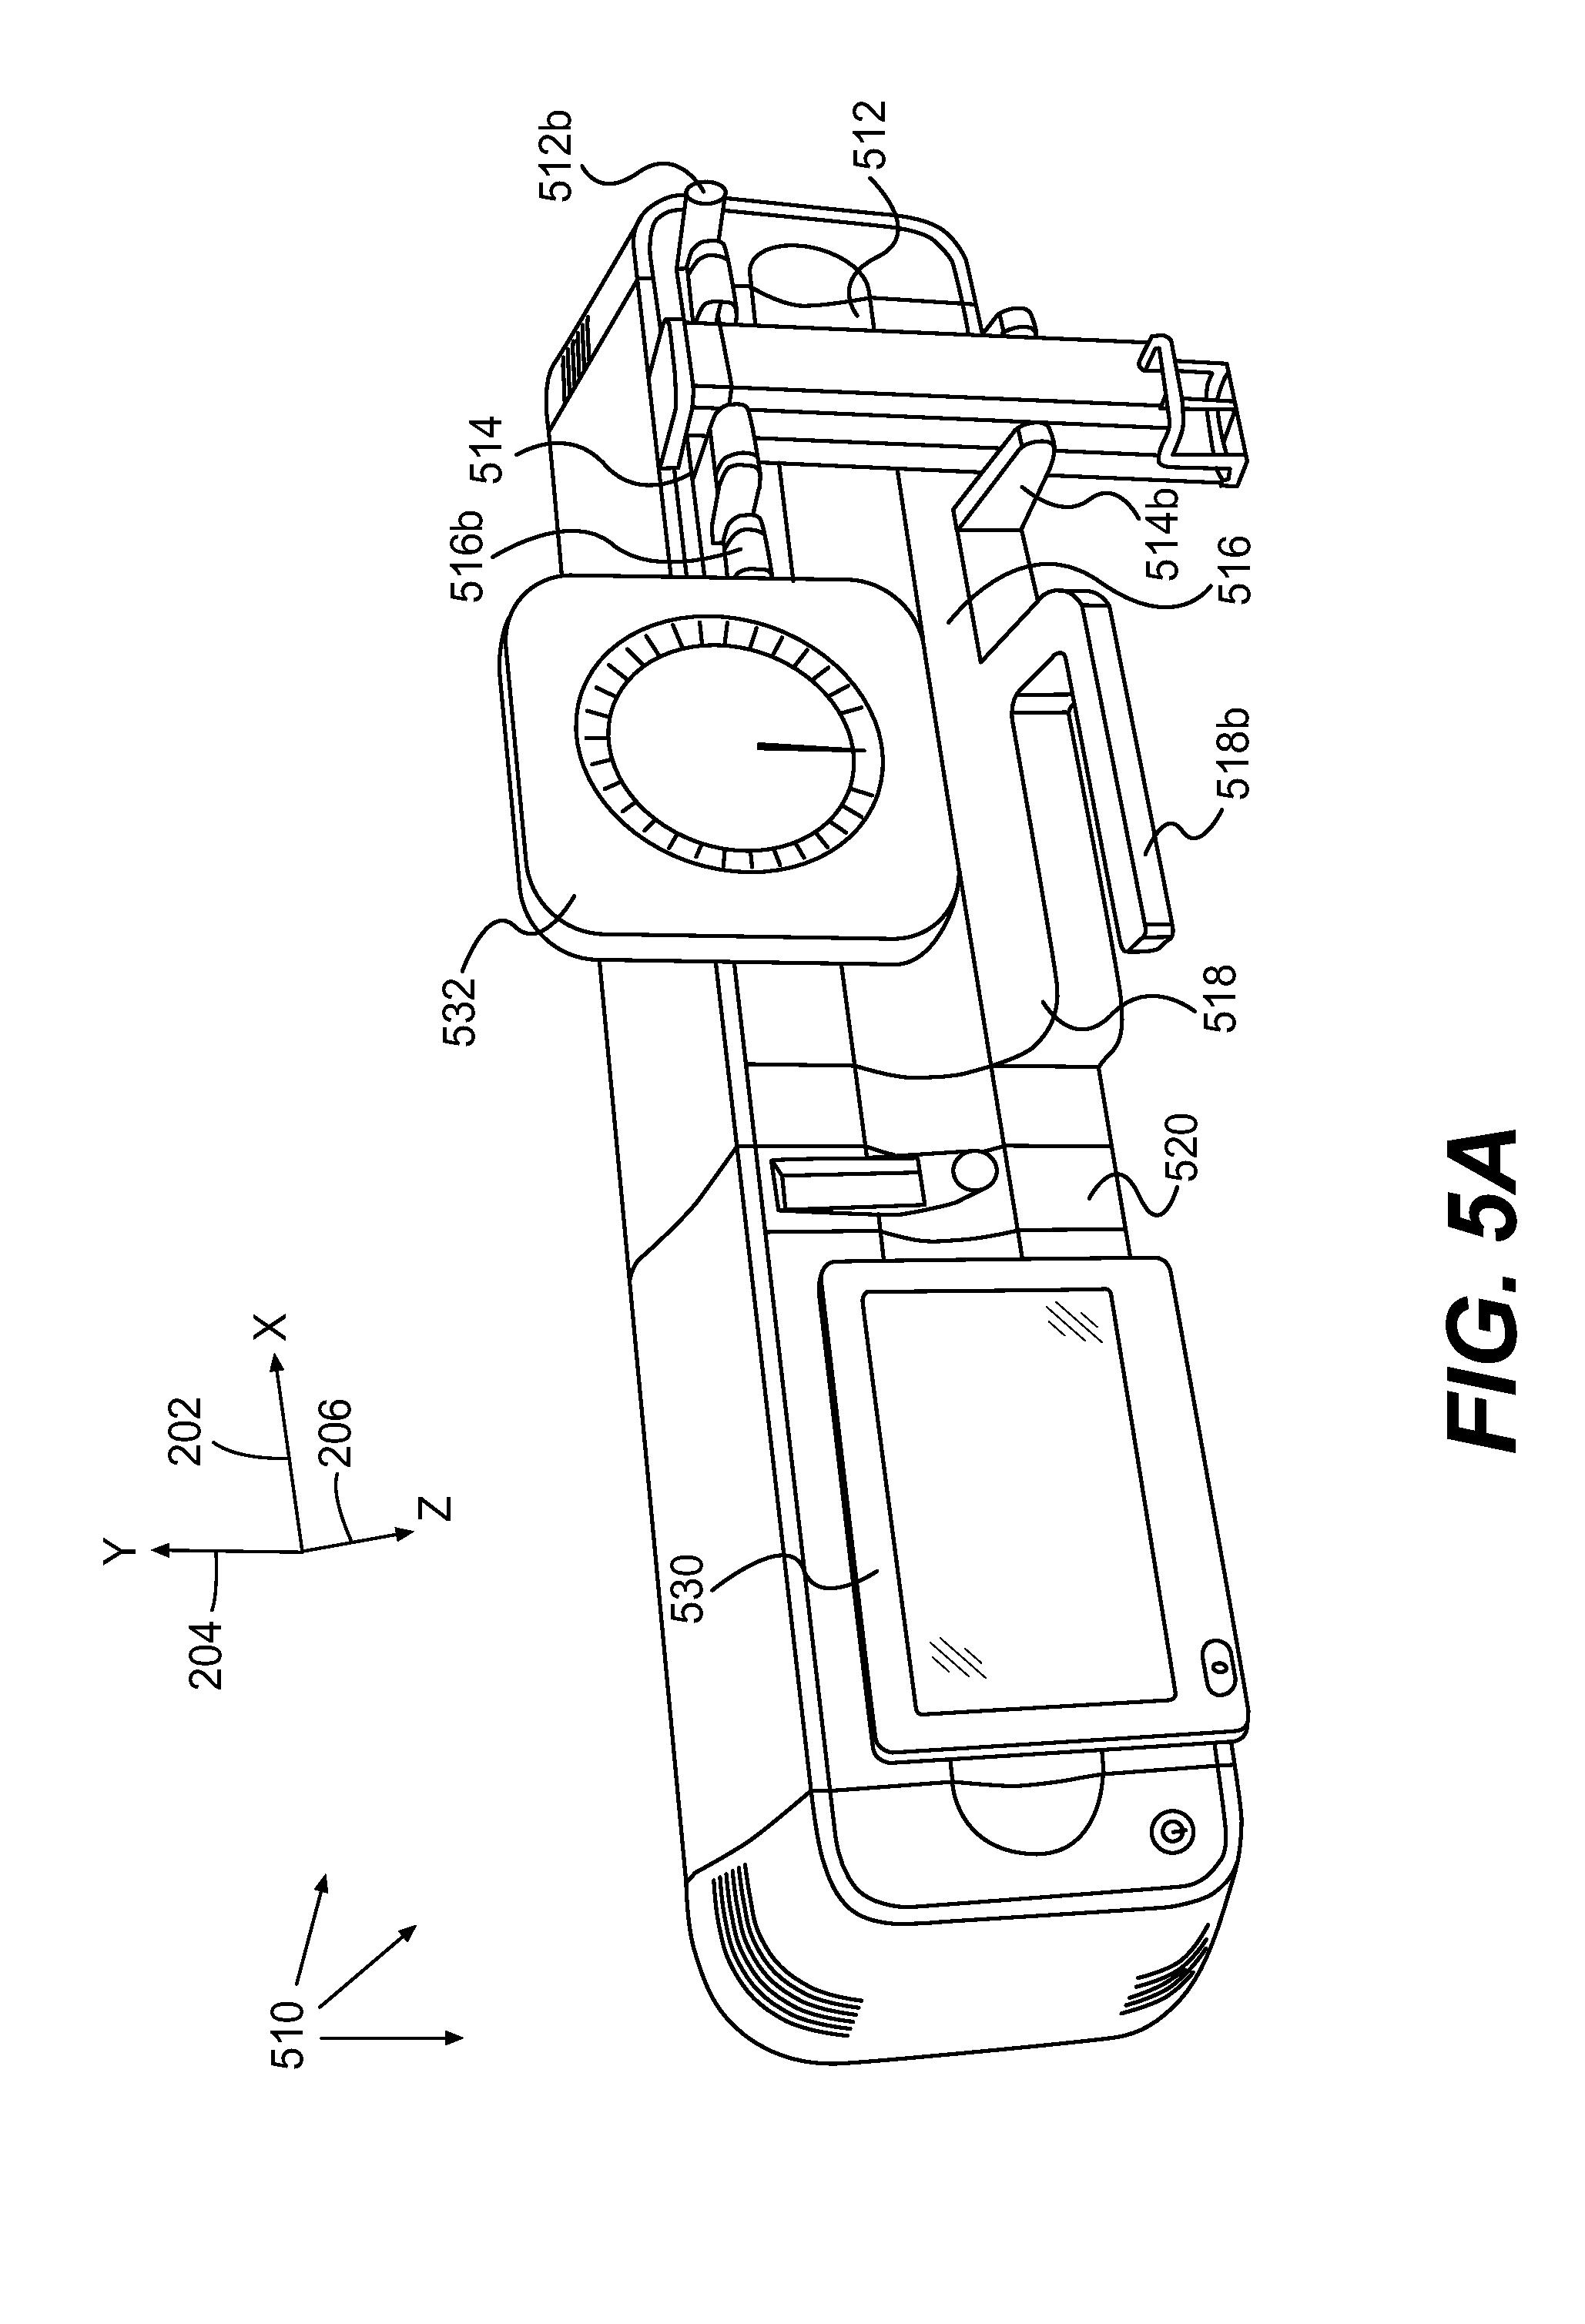 2004 cadillac deville dhs parts diagram